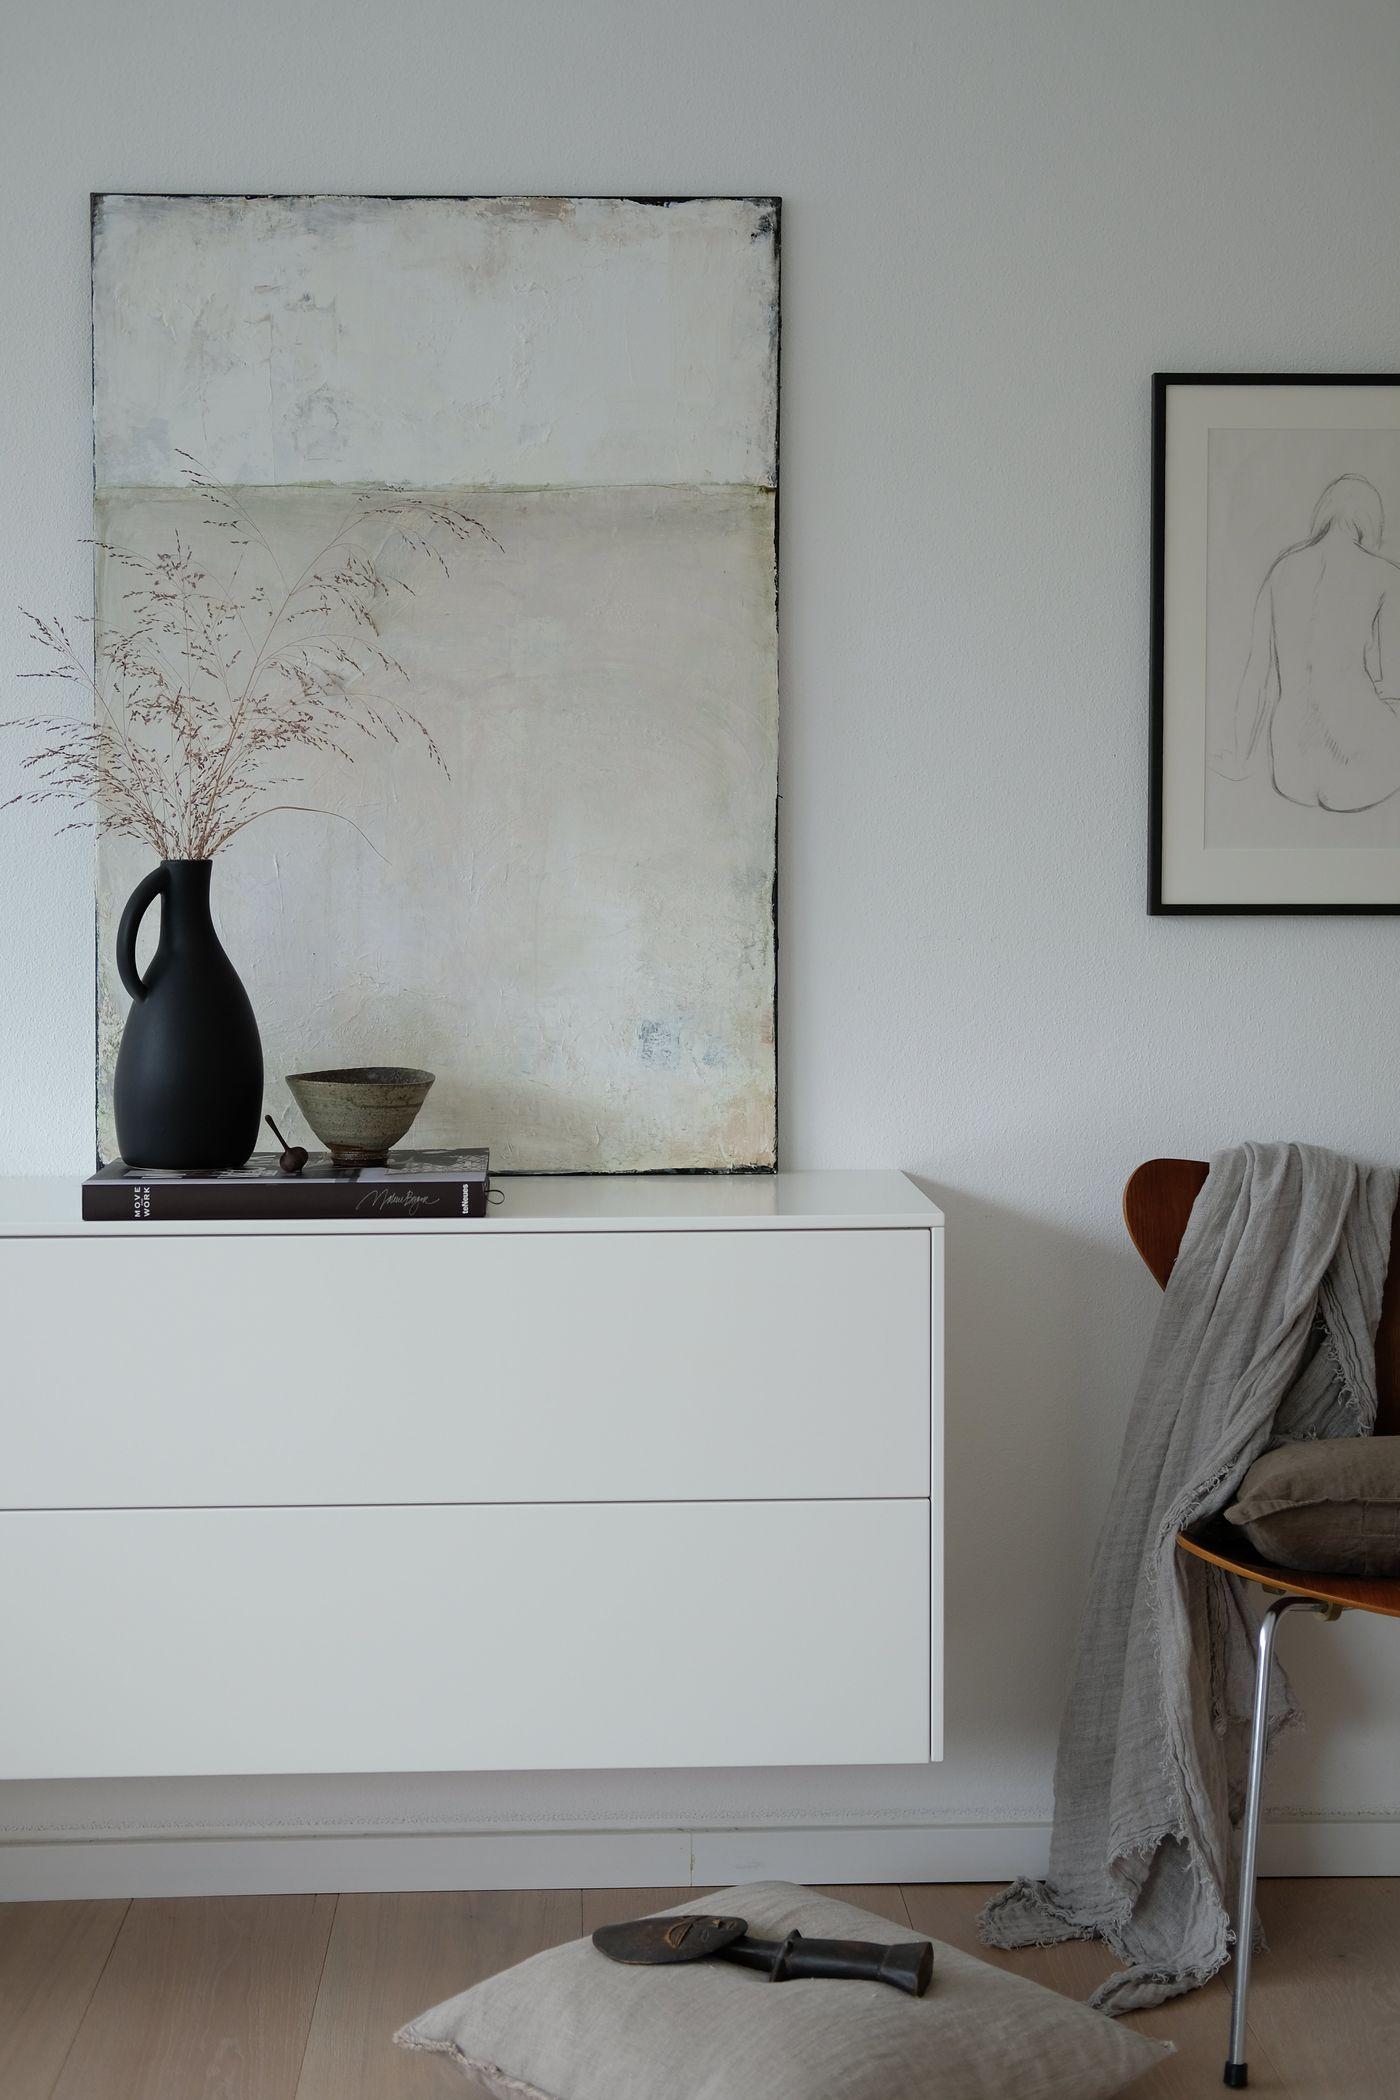 Full Size of Küche Sideboard Mit Arbeitsplatte Deko Badezimmer Wohnzimmer Dekoration Wanddeko Schlafzimmer Für Wohnzimmer Deko Sideboard